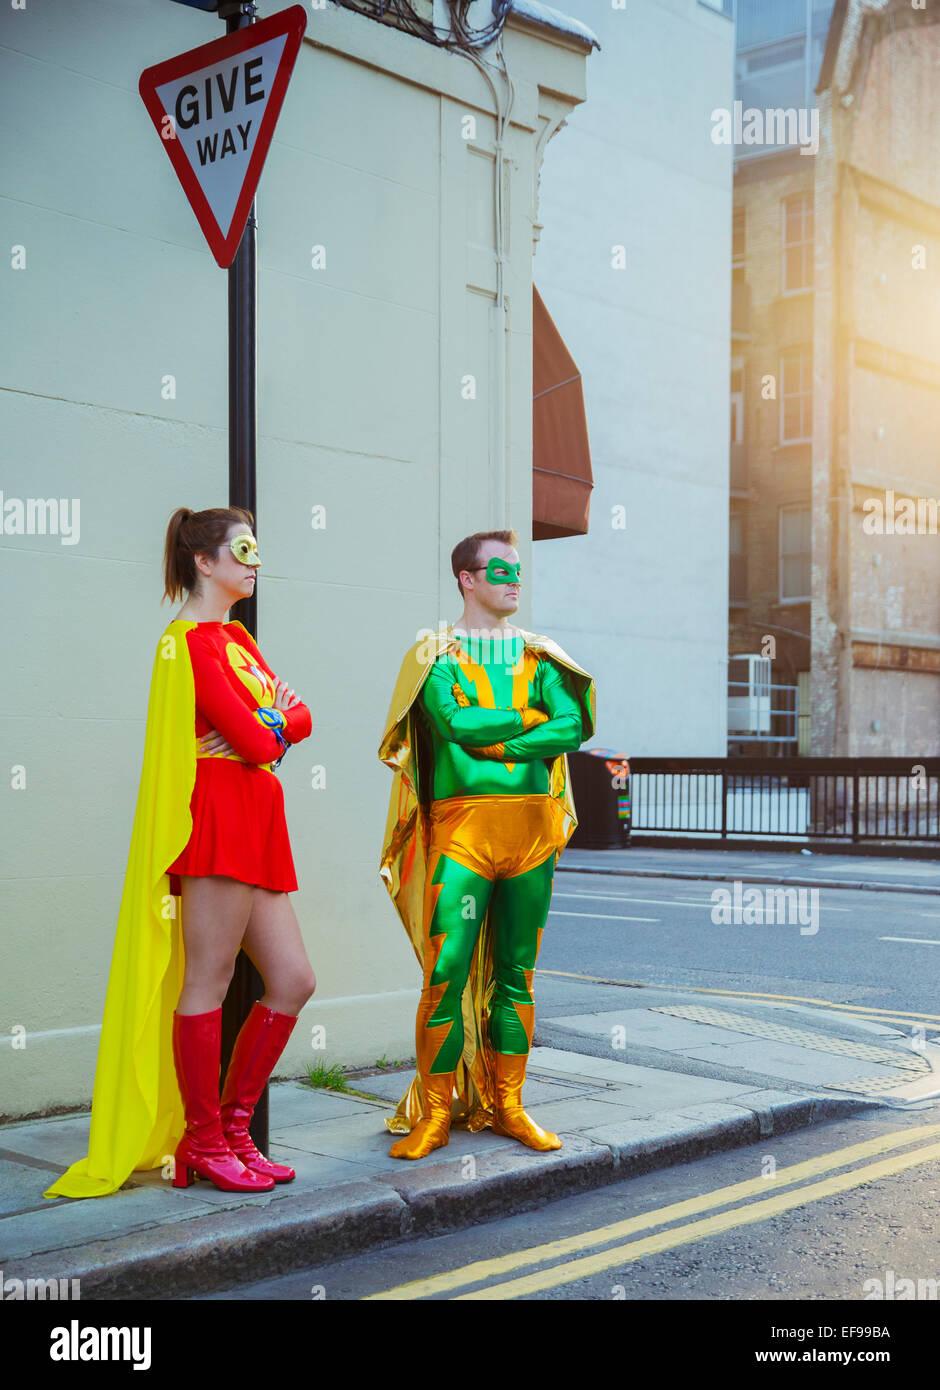 Superhero couple waiting at corner on city sidewalk - Stock Image